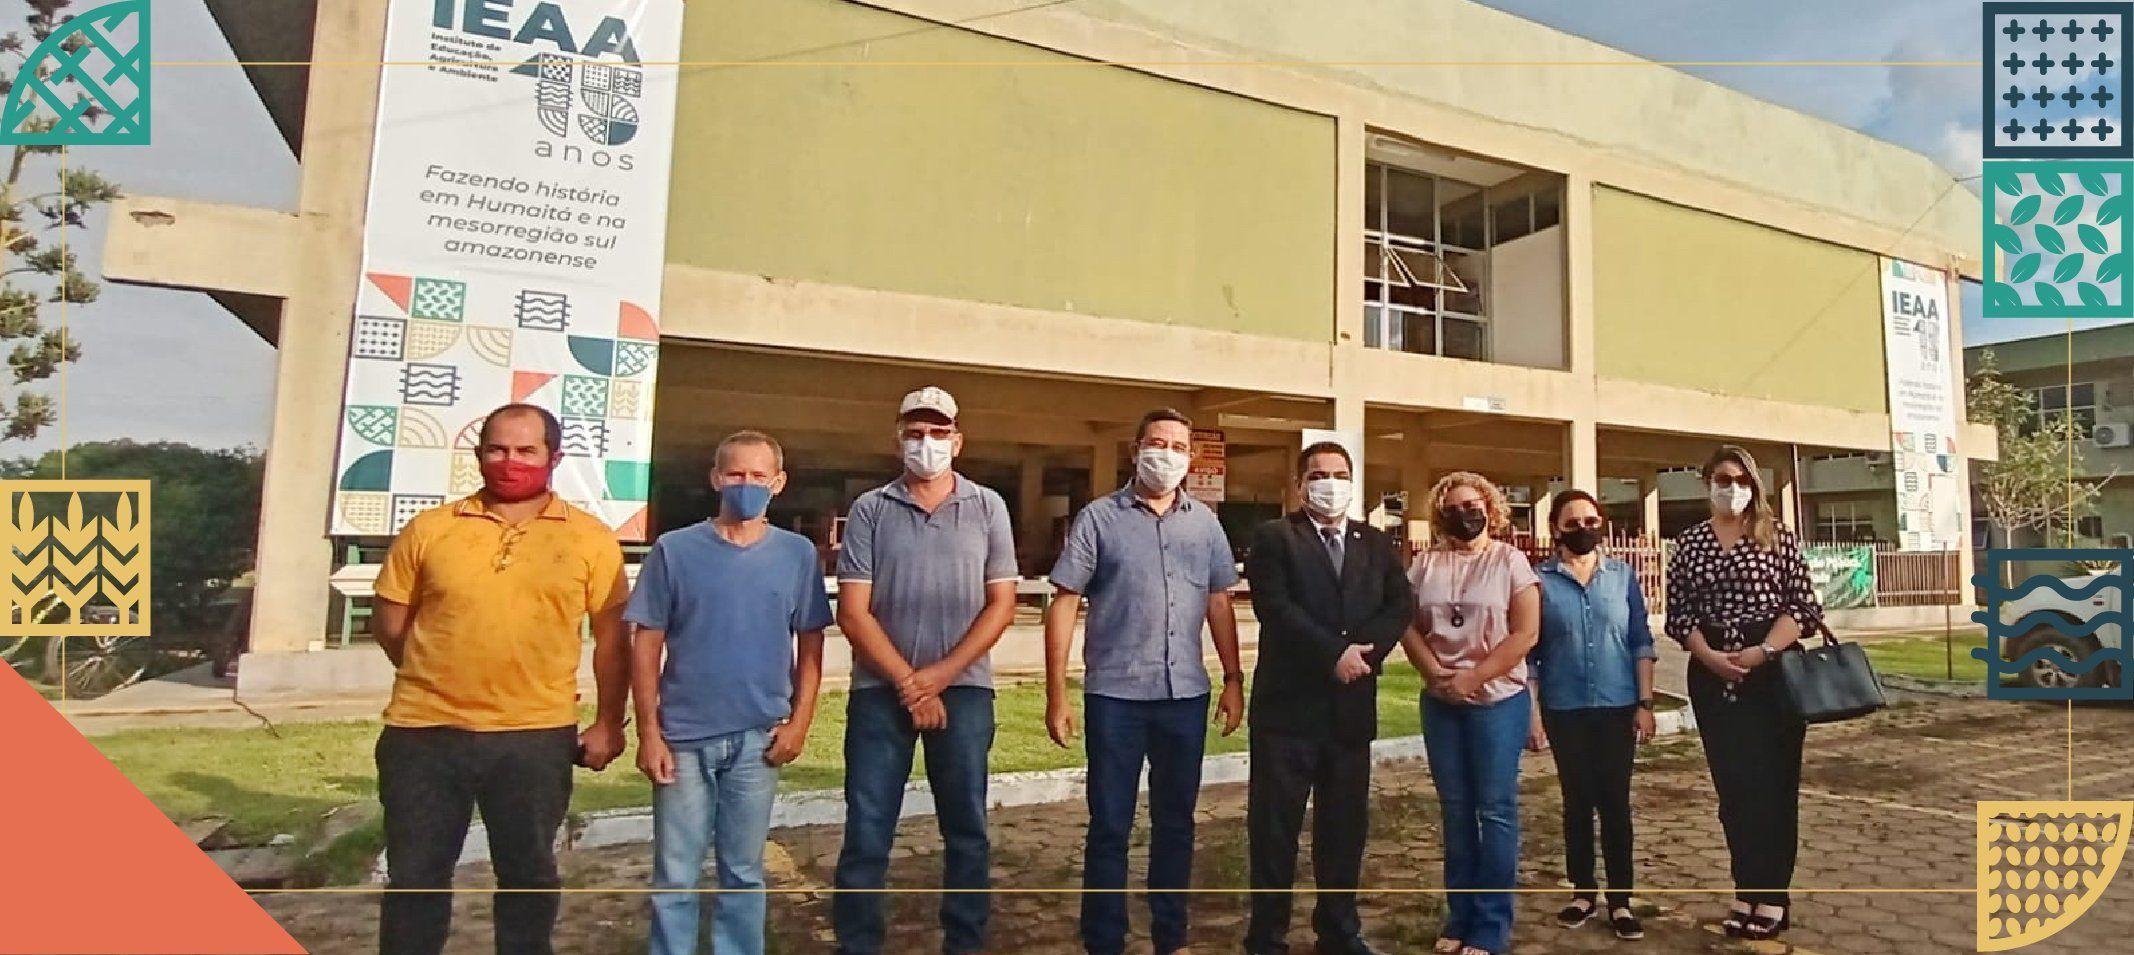 Em Humaitá, no IEAA, reitor recebe secretário de Produção Rural, Petrúcio de Magalhães Júnior